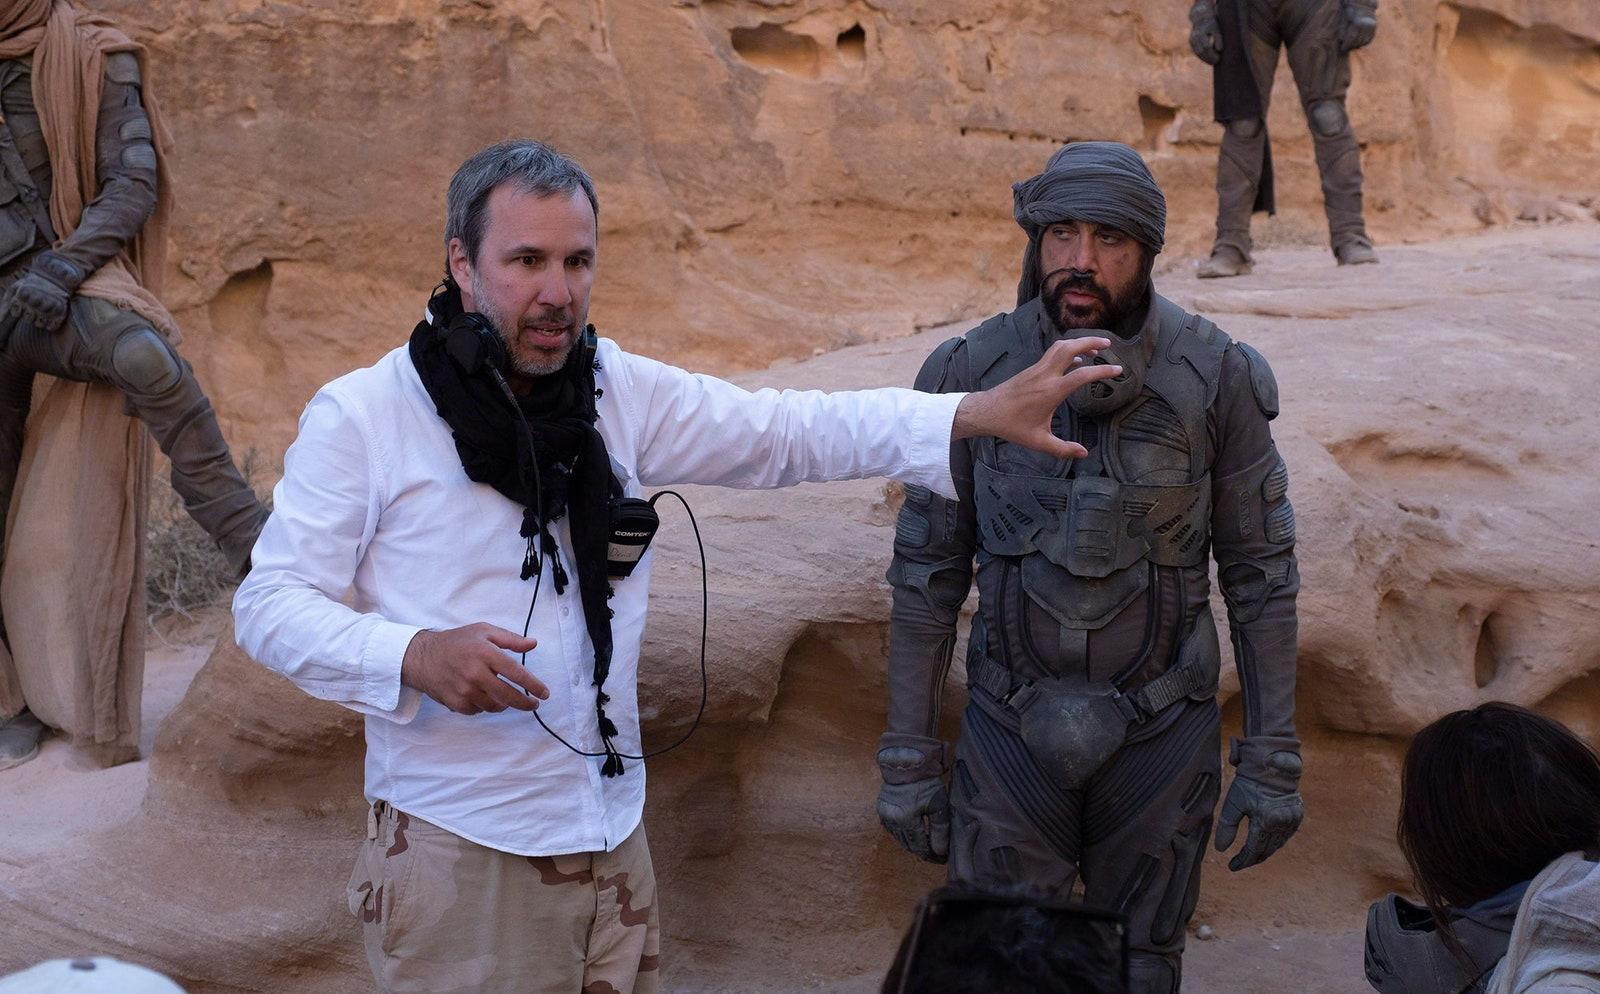 Dune-2020-Denis-Villeneuve-on-set-with-Javier-Bardem-as-Stilgar